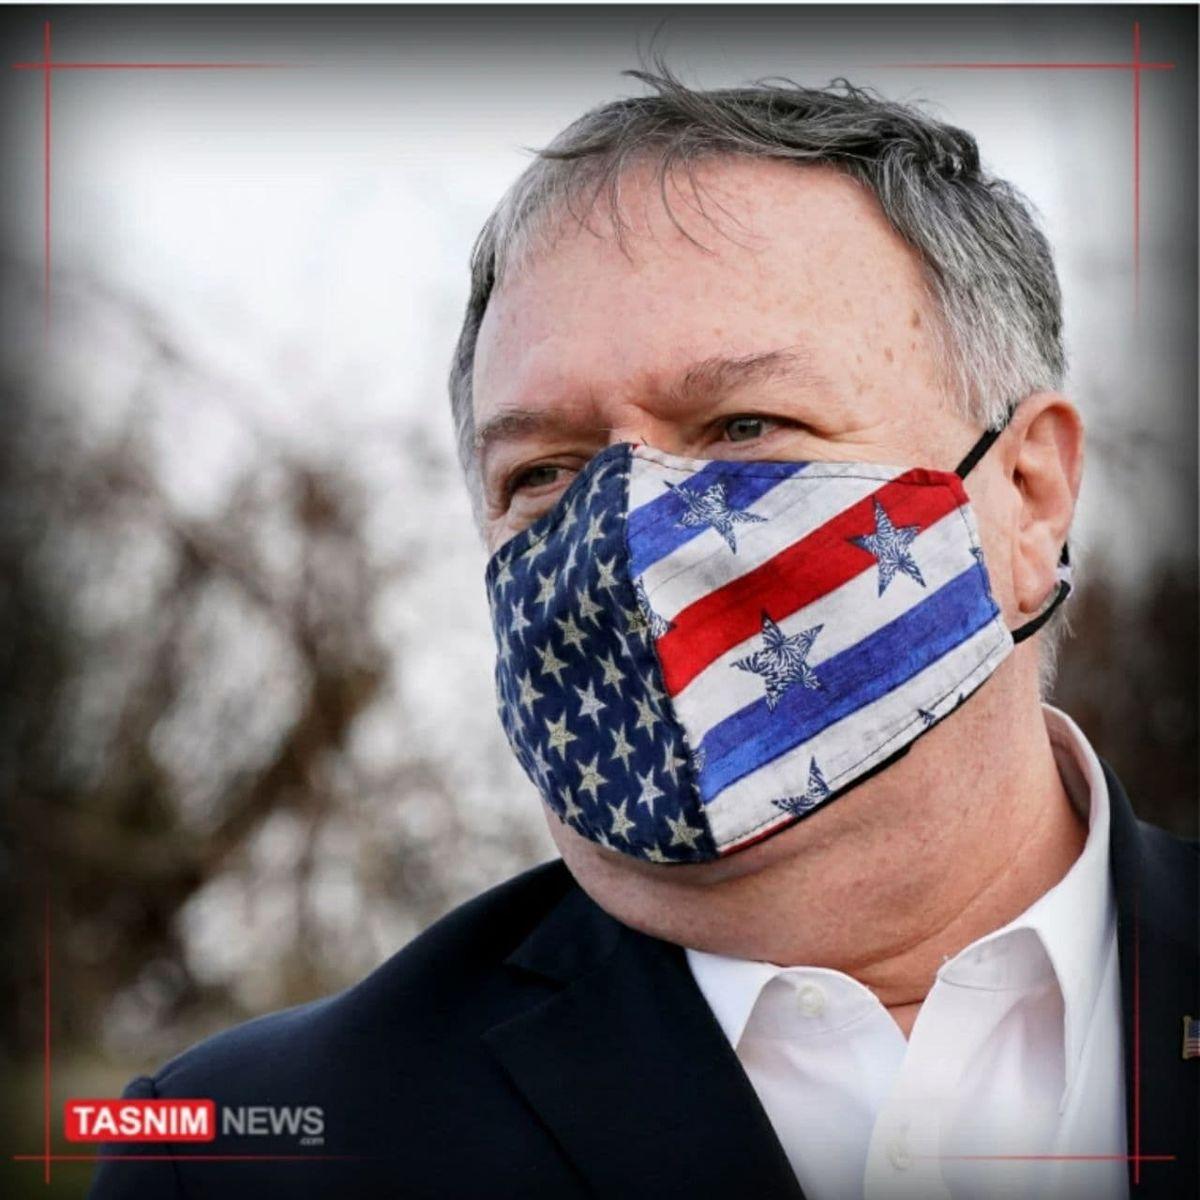 پامپئو: با ضعف نشان دادن به توافقی داغون دست پیدا میکنیم